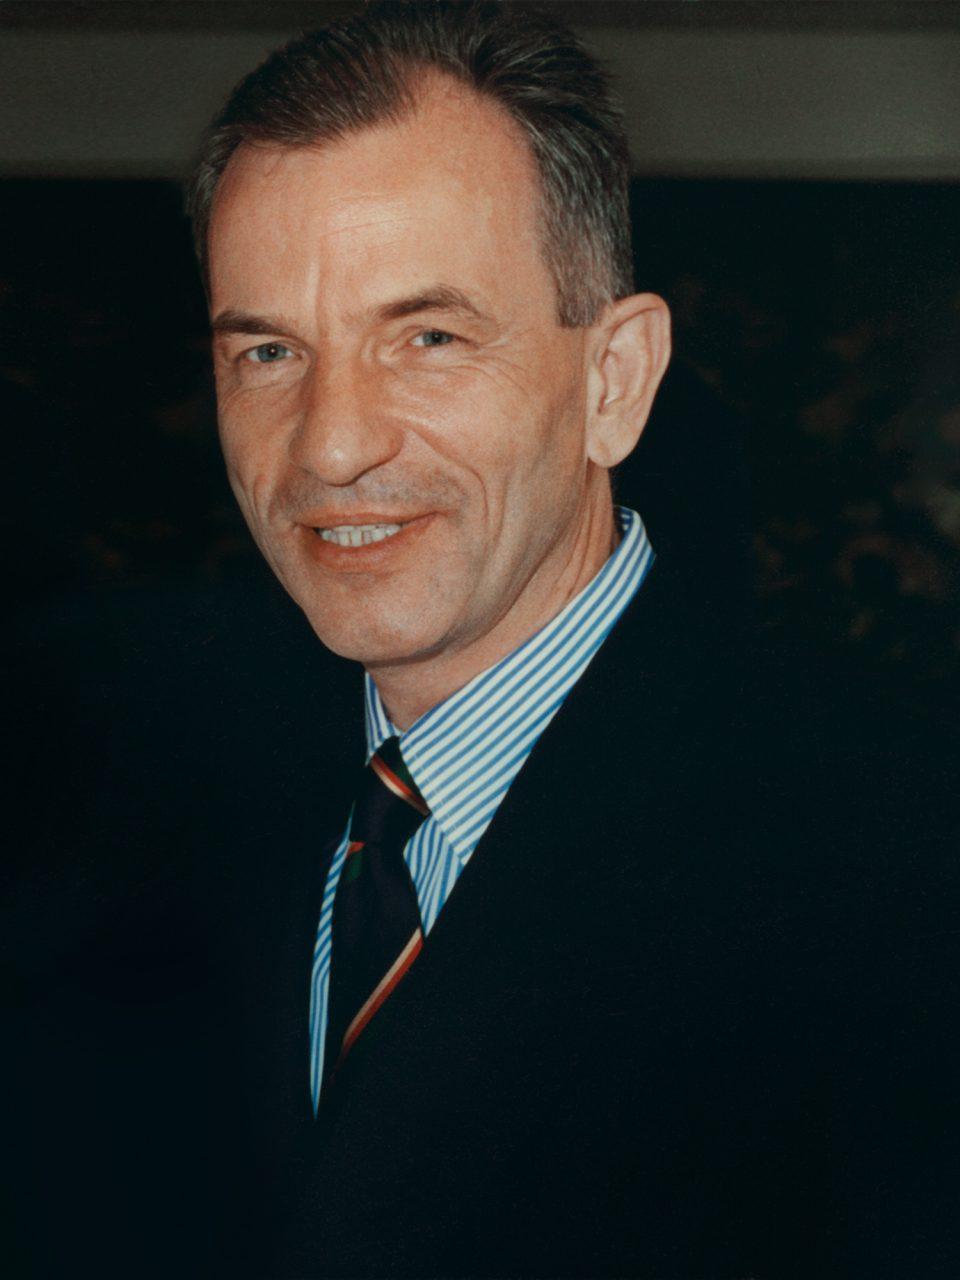 Wolfgang Hoenninger